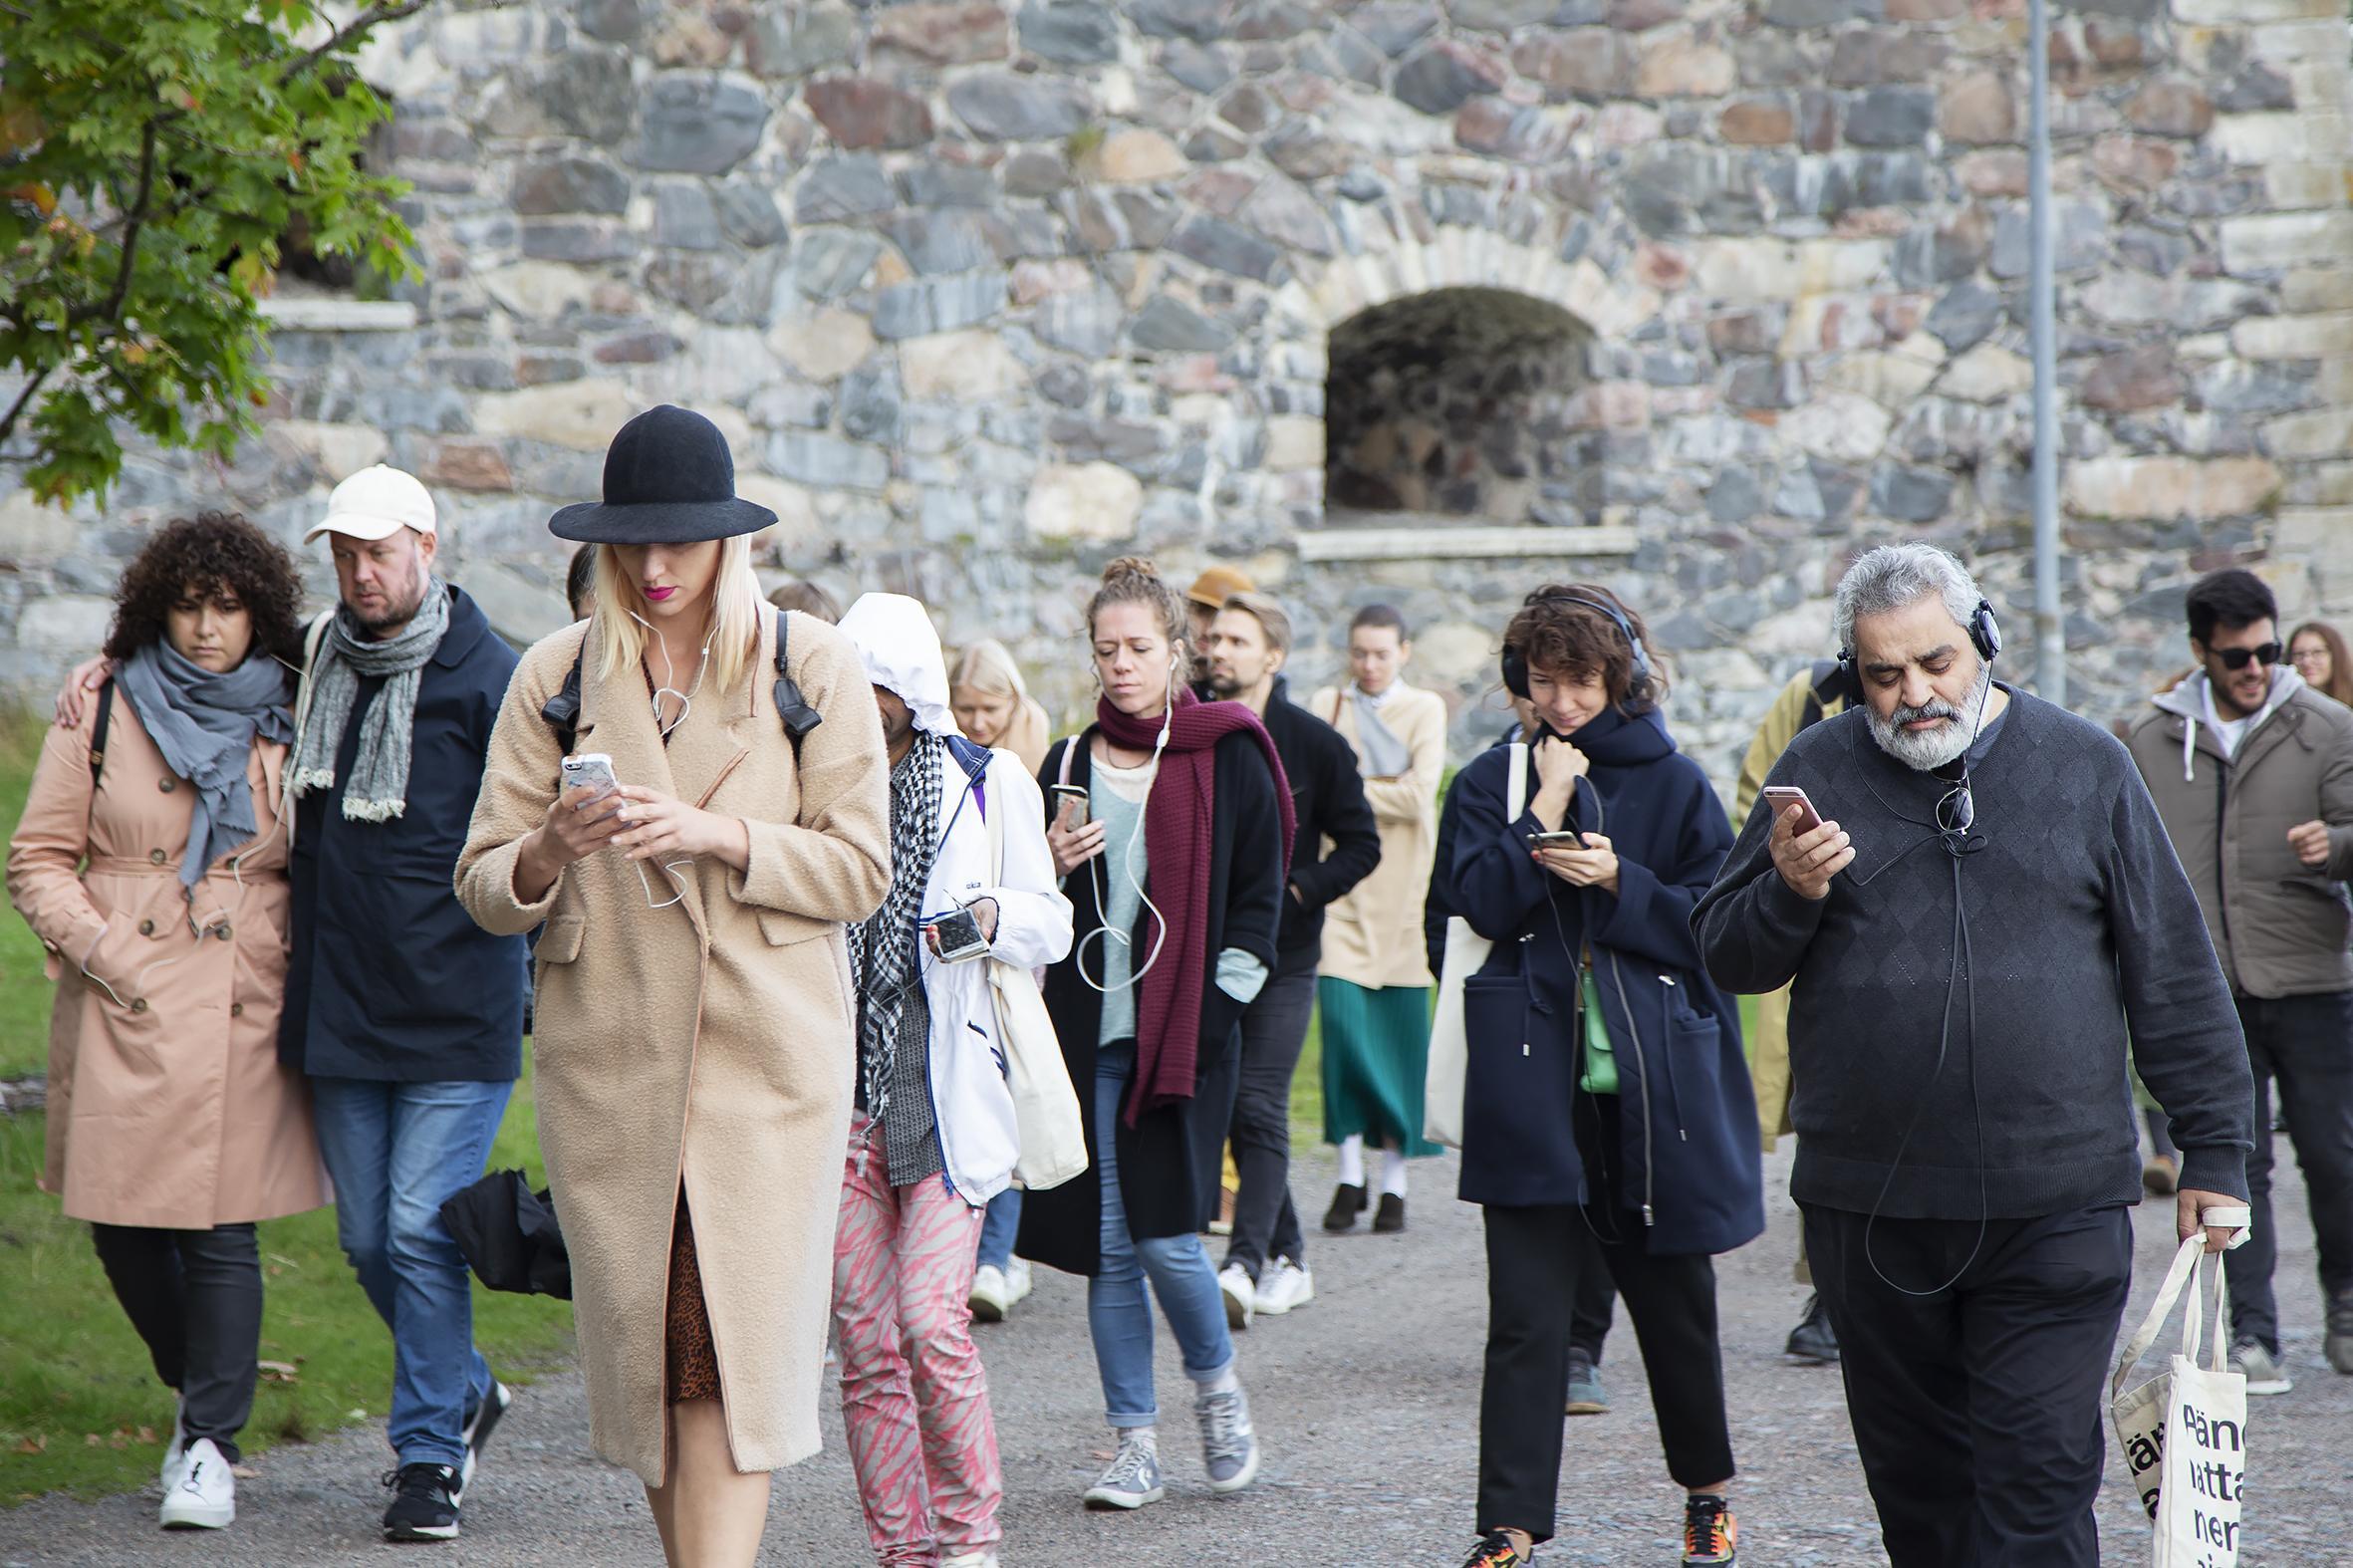 Joukko ihmisiä ulkona kävelemässä samaan suuntaan.